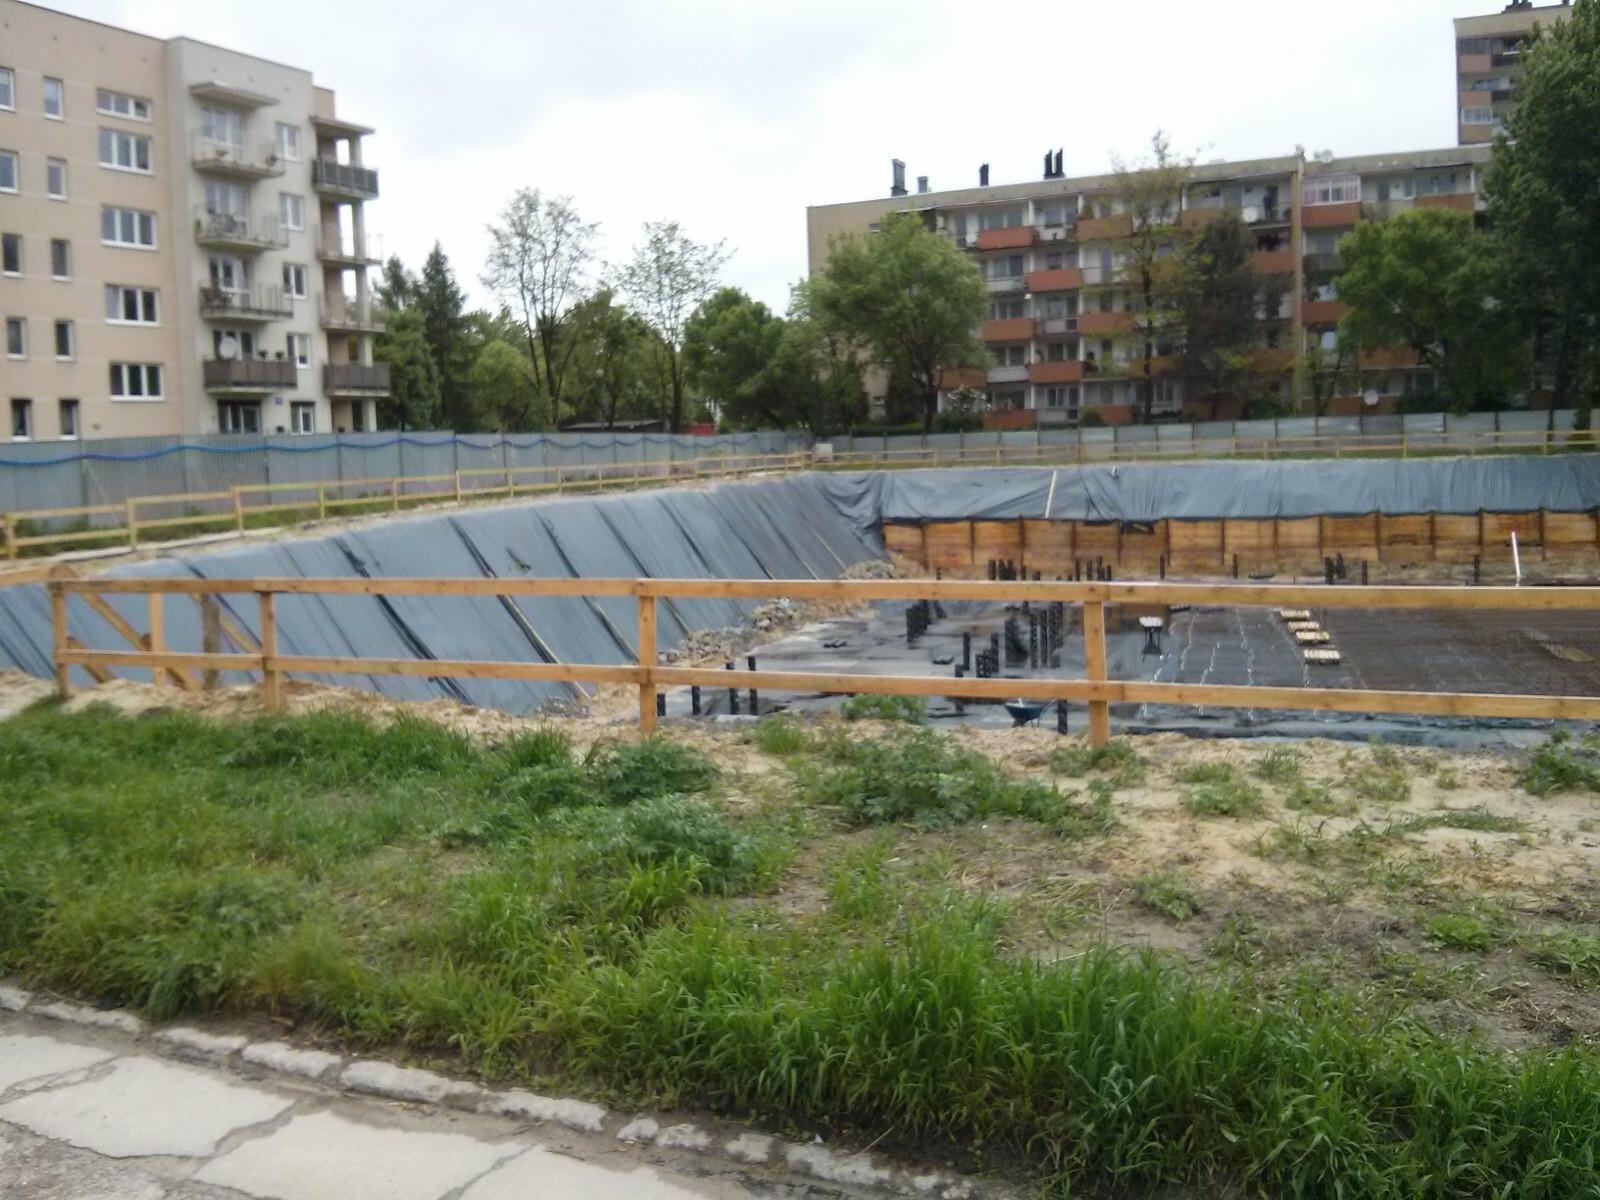 Spółdzielnia mieszkaniowa Czyżyny buduje nowe mieszkania w Krakowie